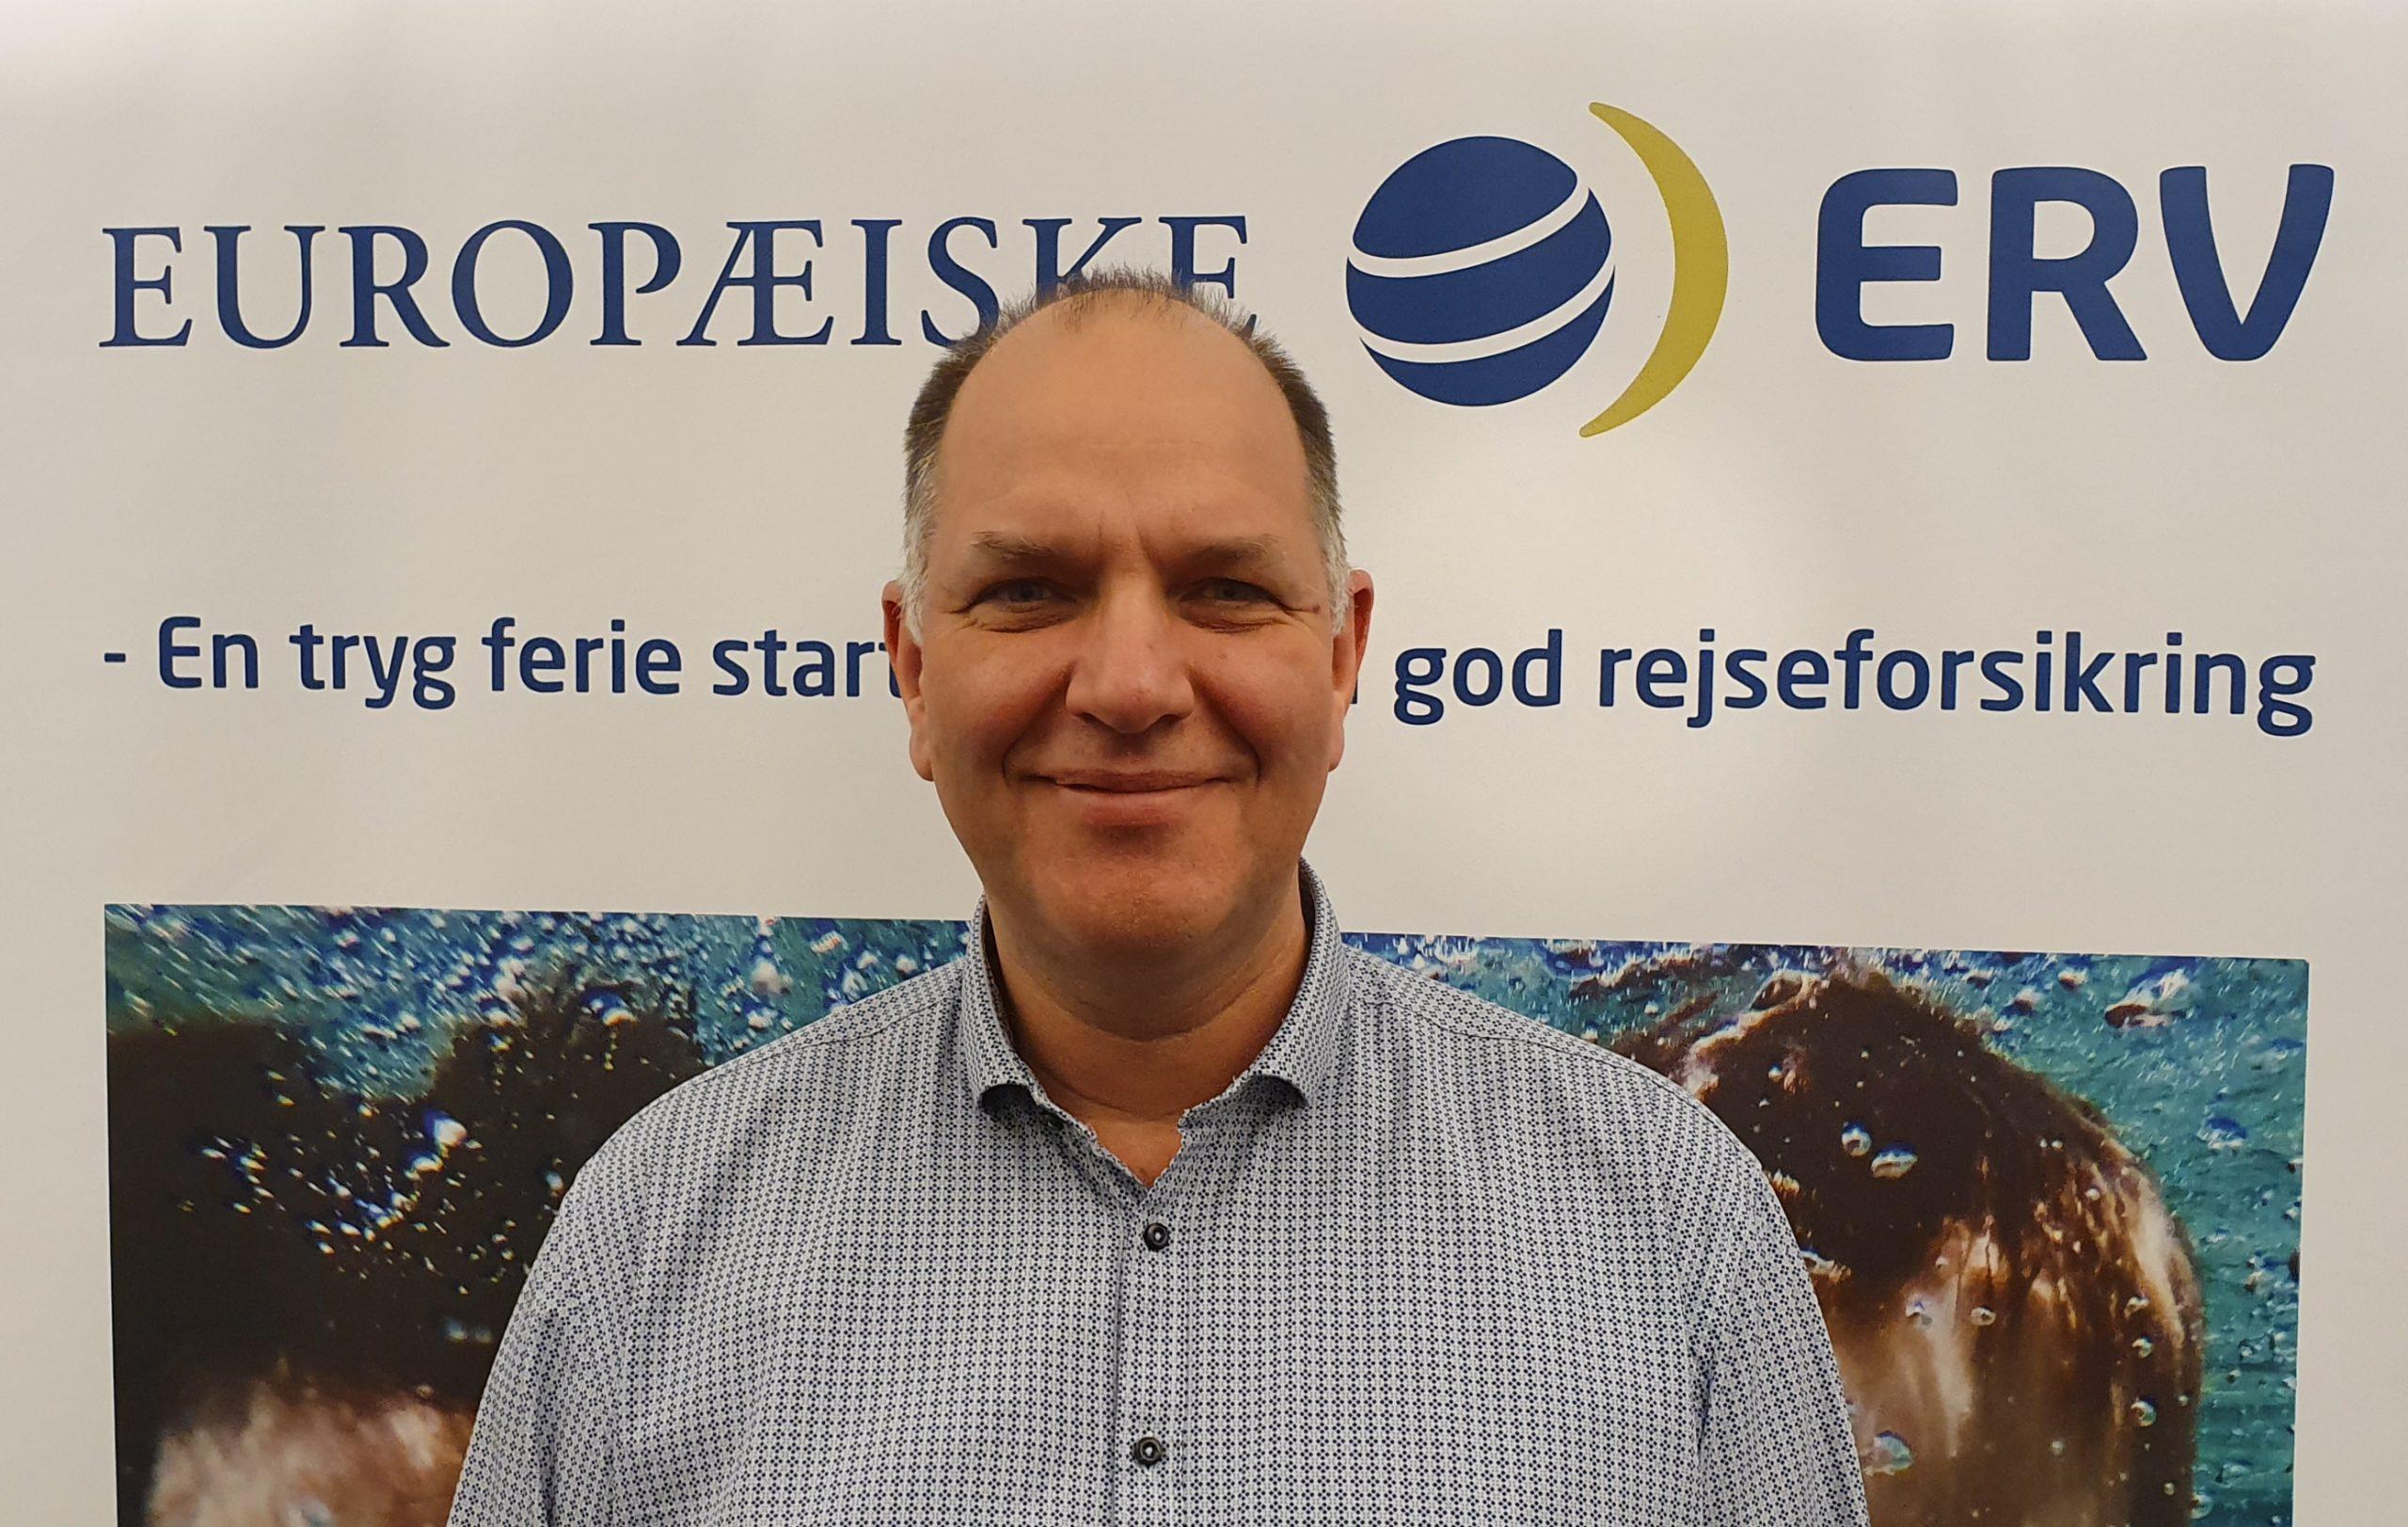 Kristian Sveigaard, der kom til Europæiske ERV, Europæiske Rejseforsikring, i april 2017 er blevet forfremmet til sales manager i Danmark. På det danske marked afløser han nordisk salgsdirektør Bjørn Cronquist, der har forladt den store virksomhed. Foto: Europæiske ERV.